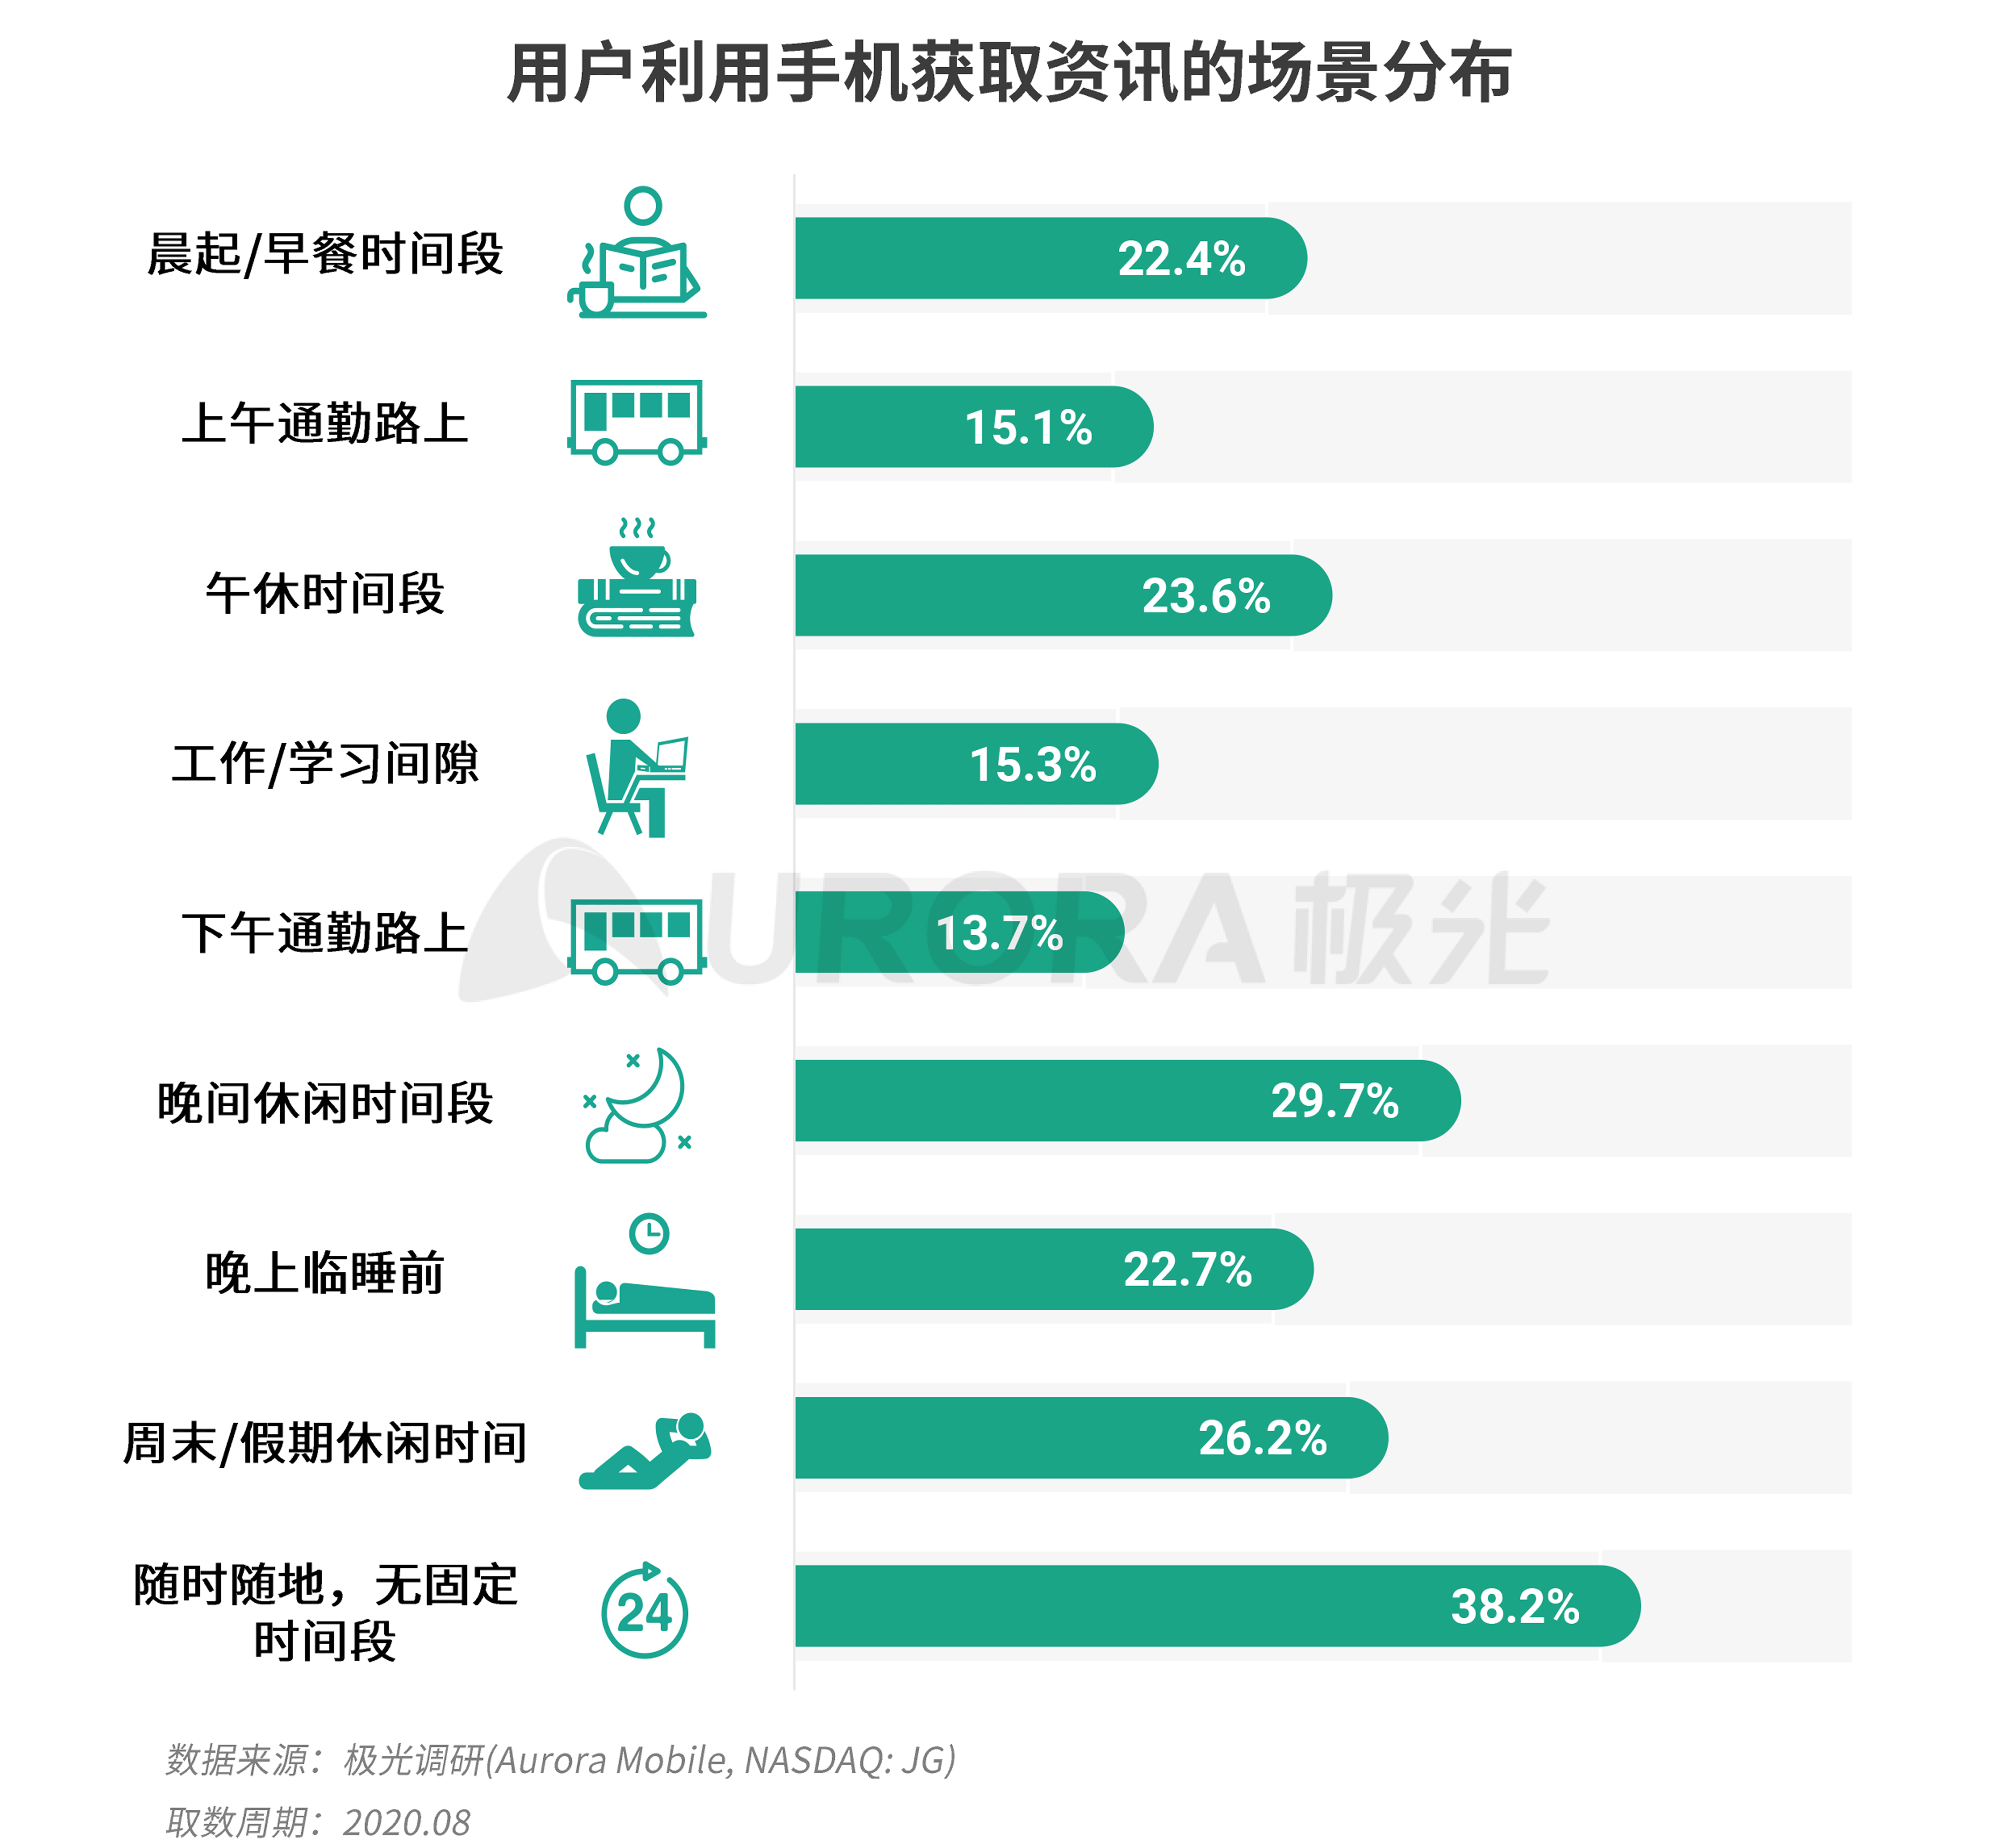 极光:新资讯行业系列报告--内容篇 (13).png